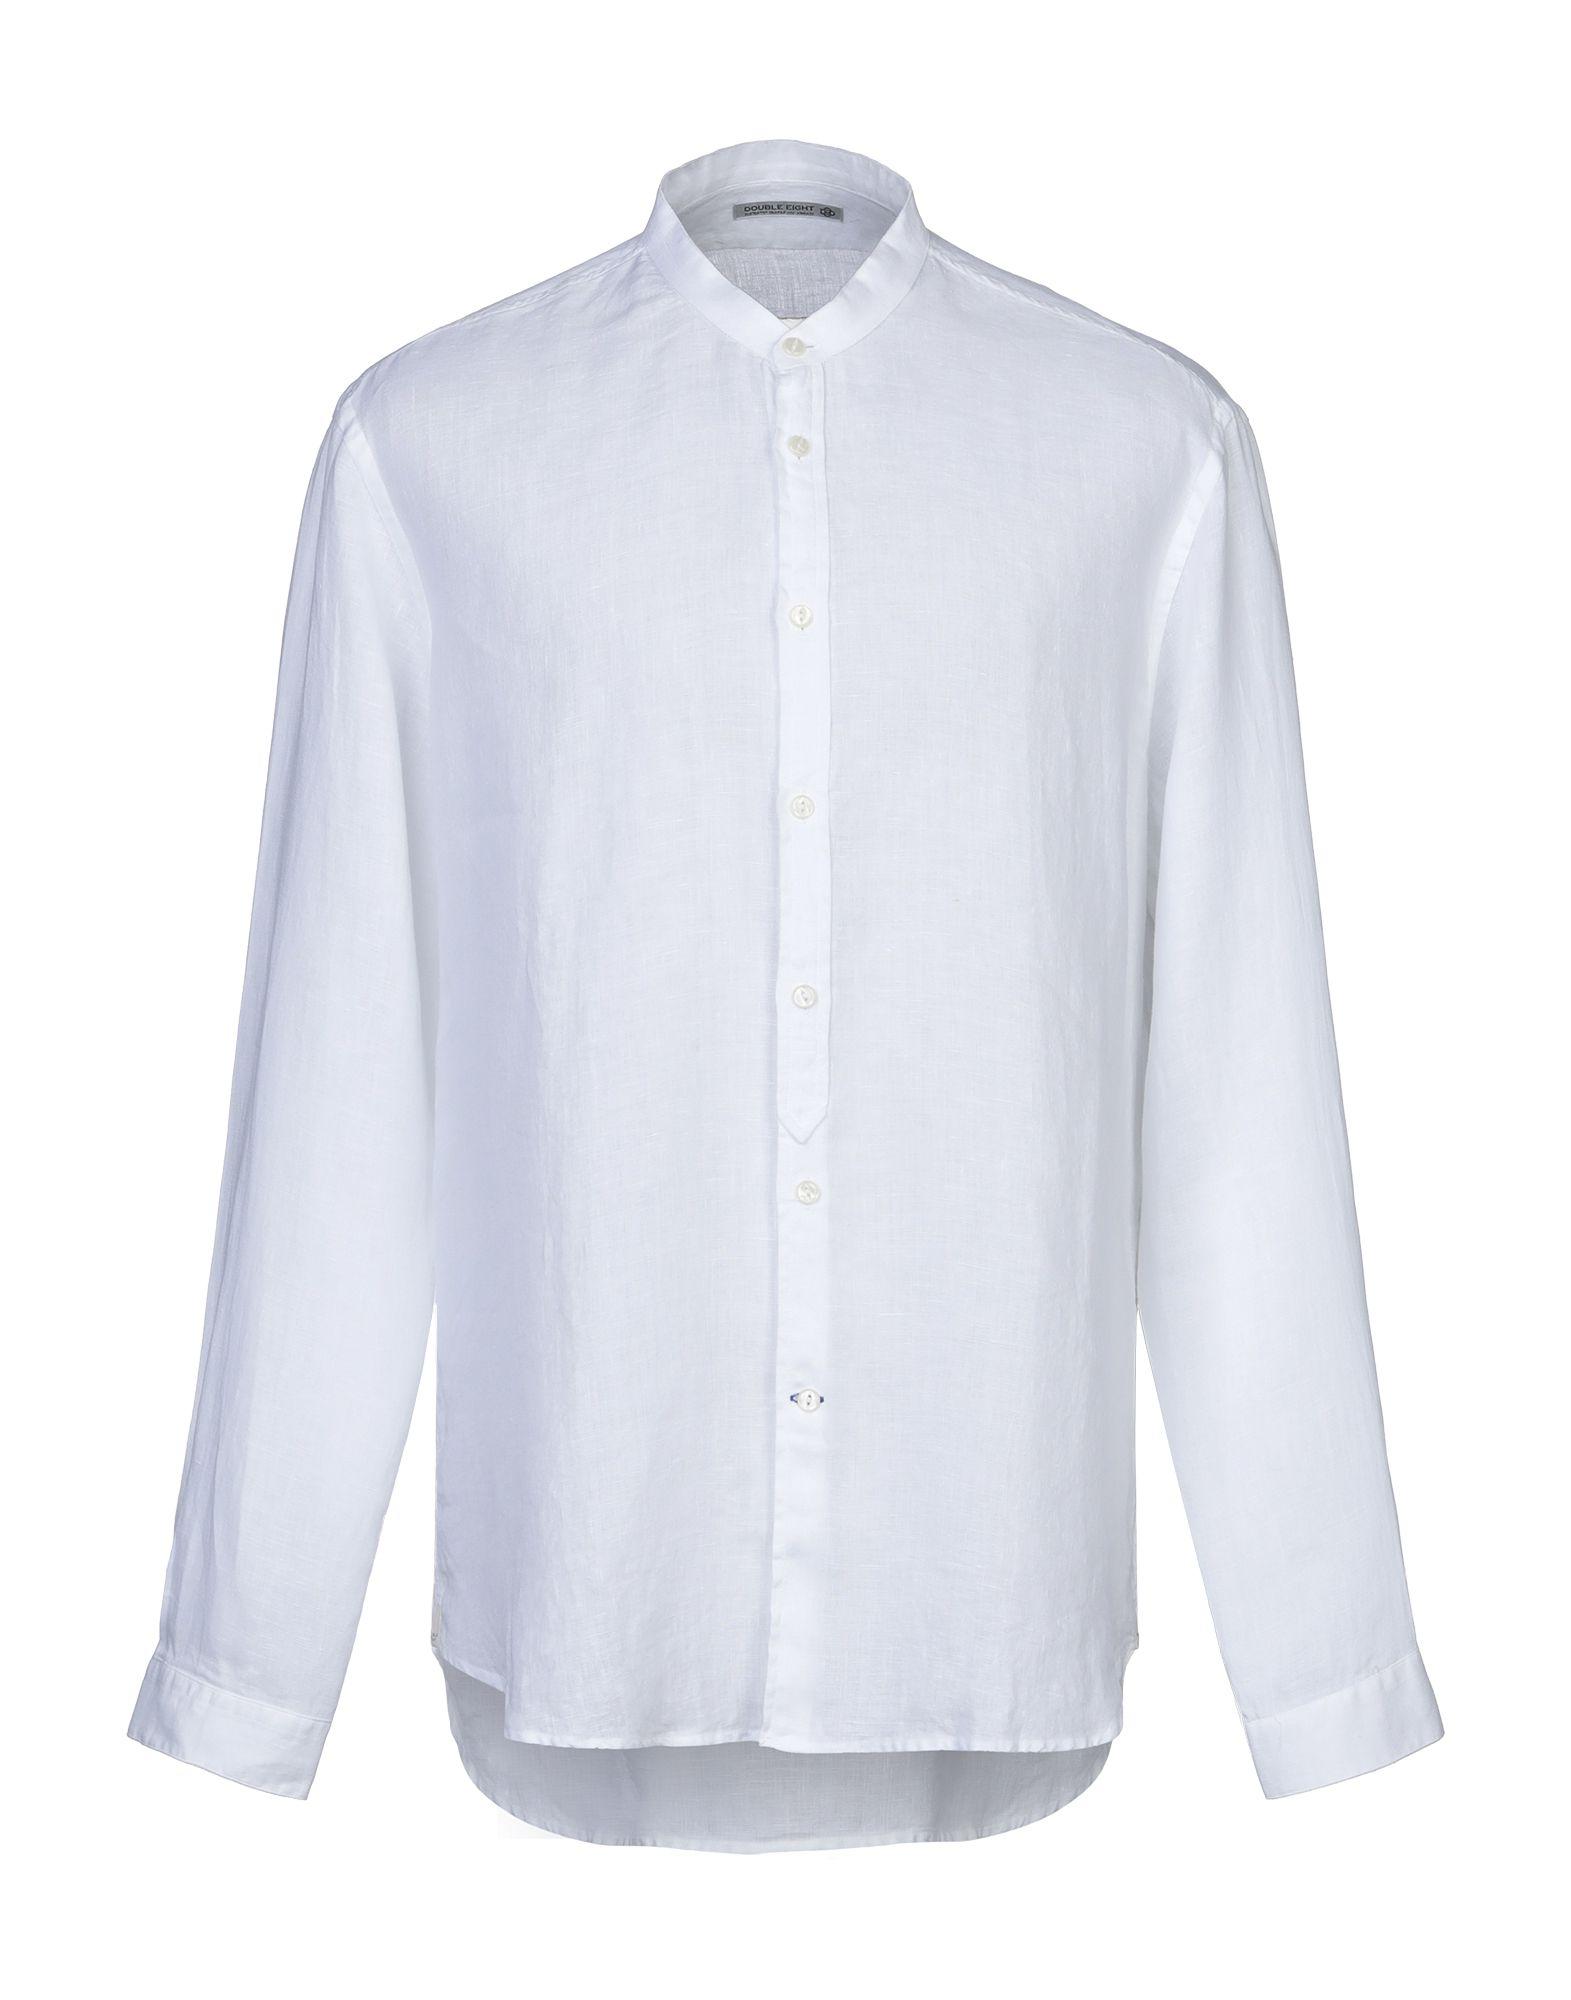 《期間限定セール開催中!》DOUBLE EIGHT メンズ シャツ ホワイト 3XL 麻 100%